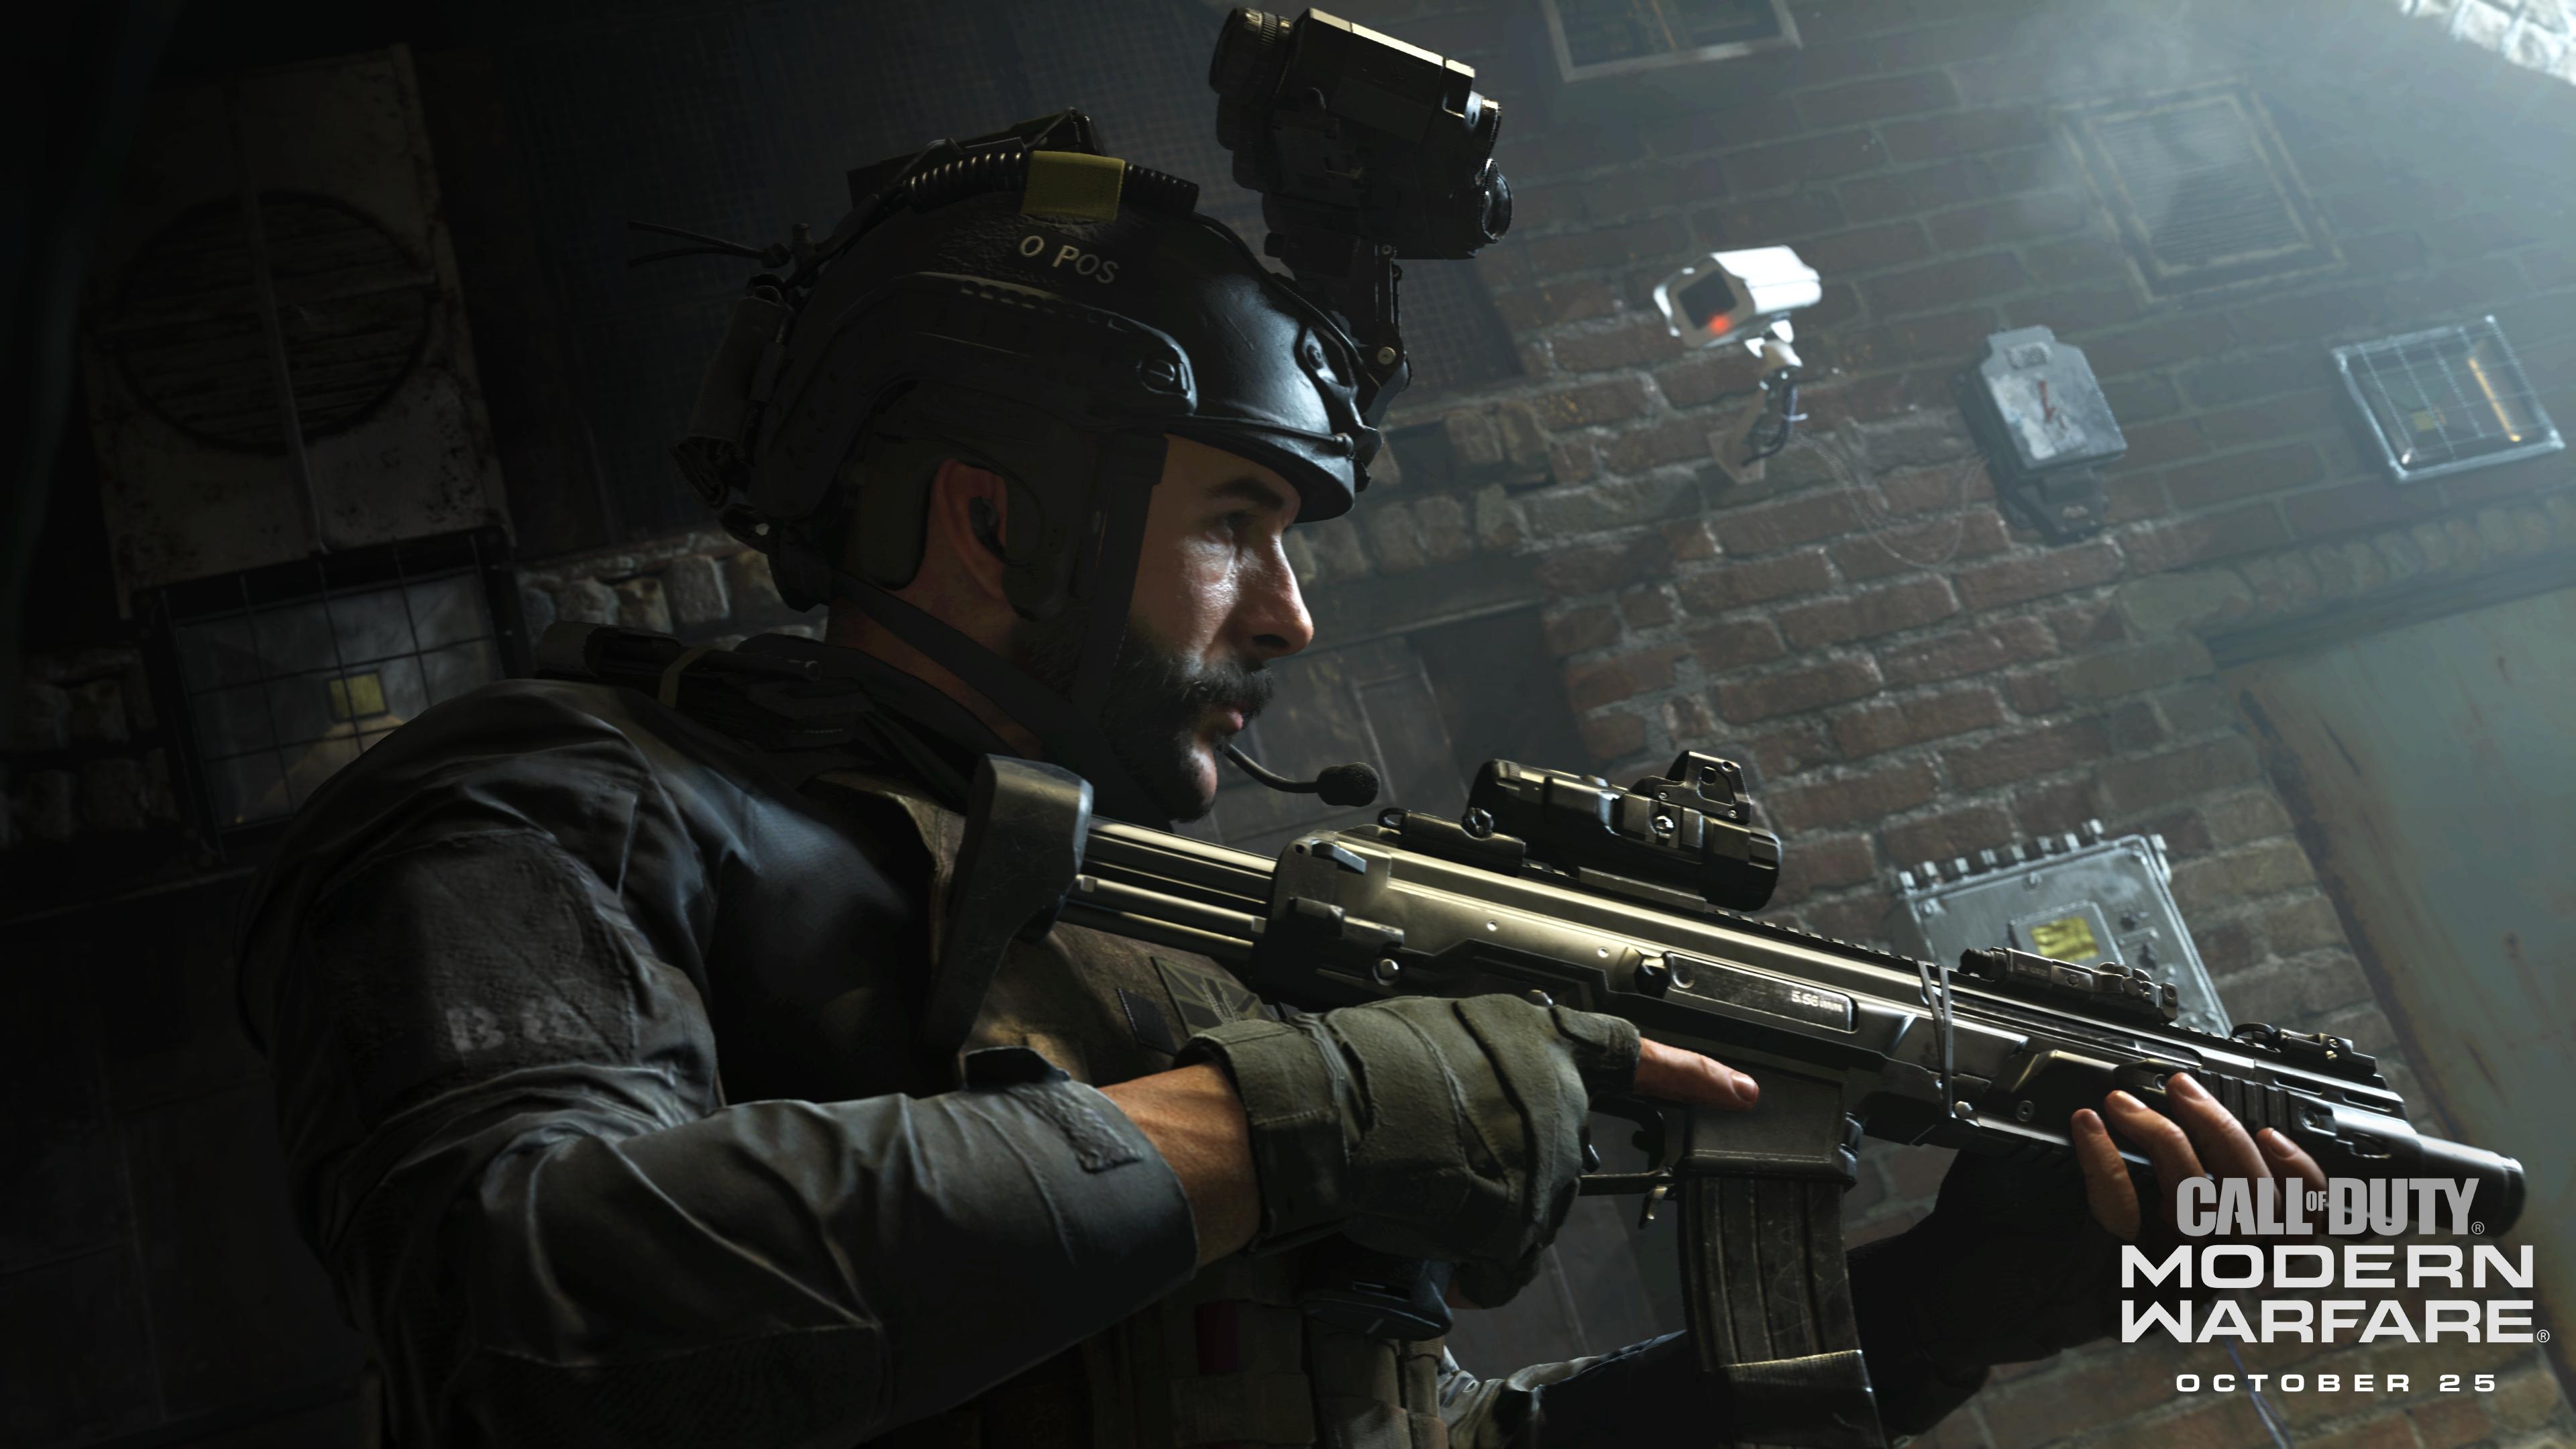 Call of Duty Modern Warfare 2019 05 30 19 003